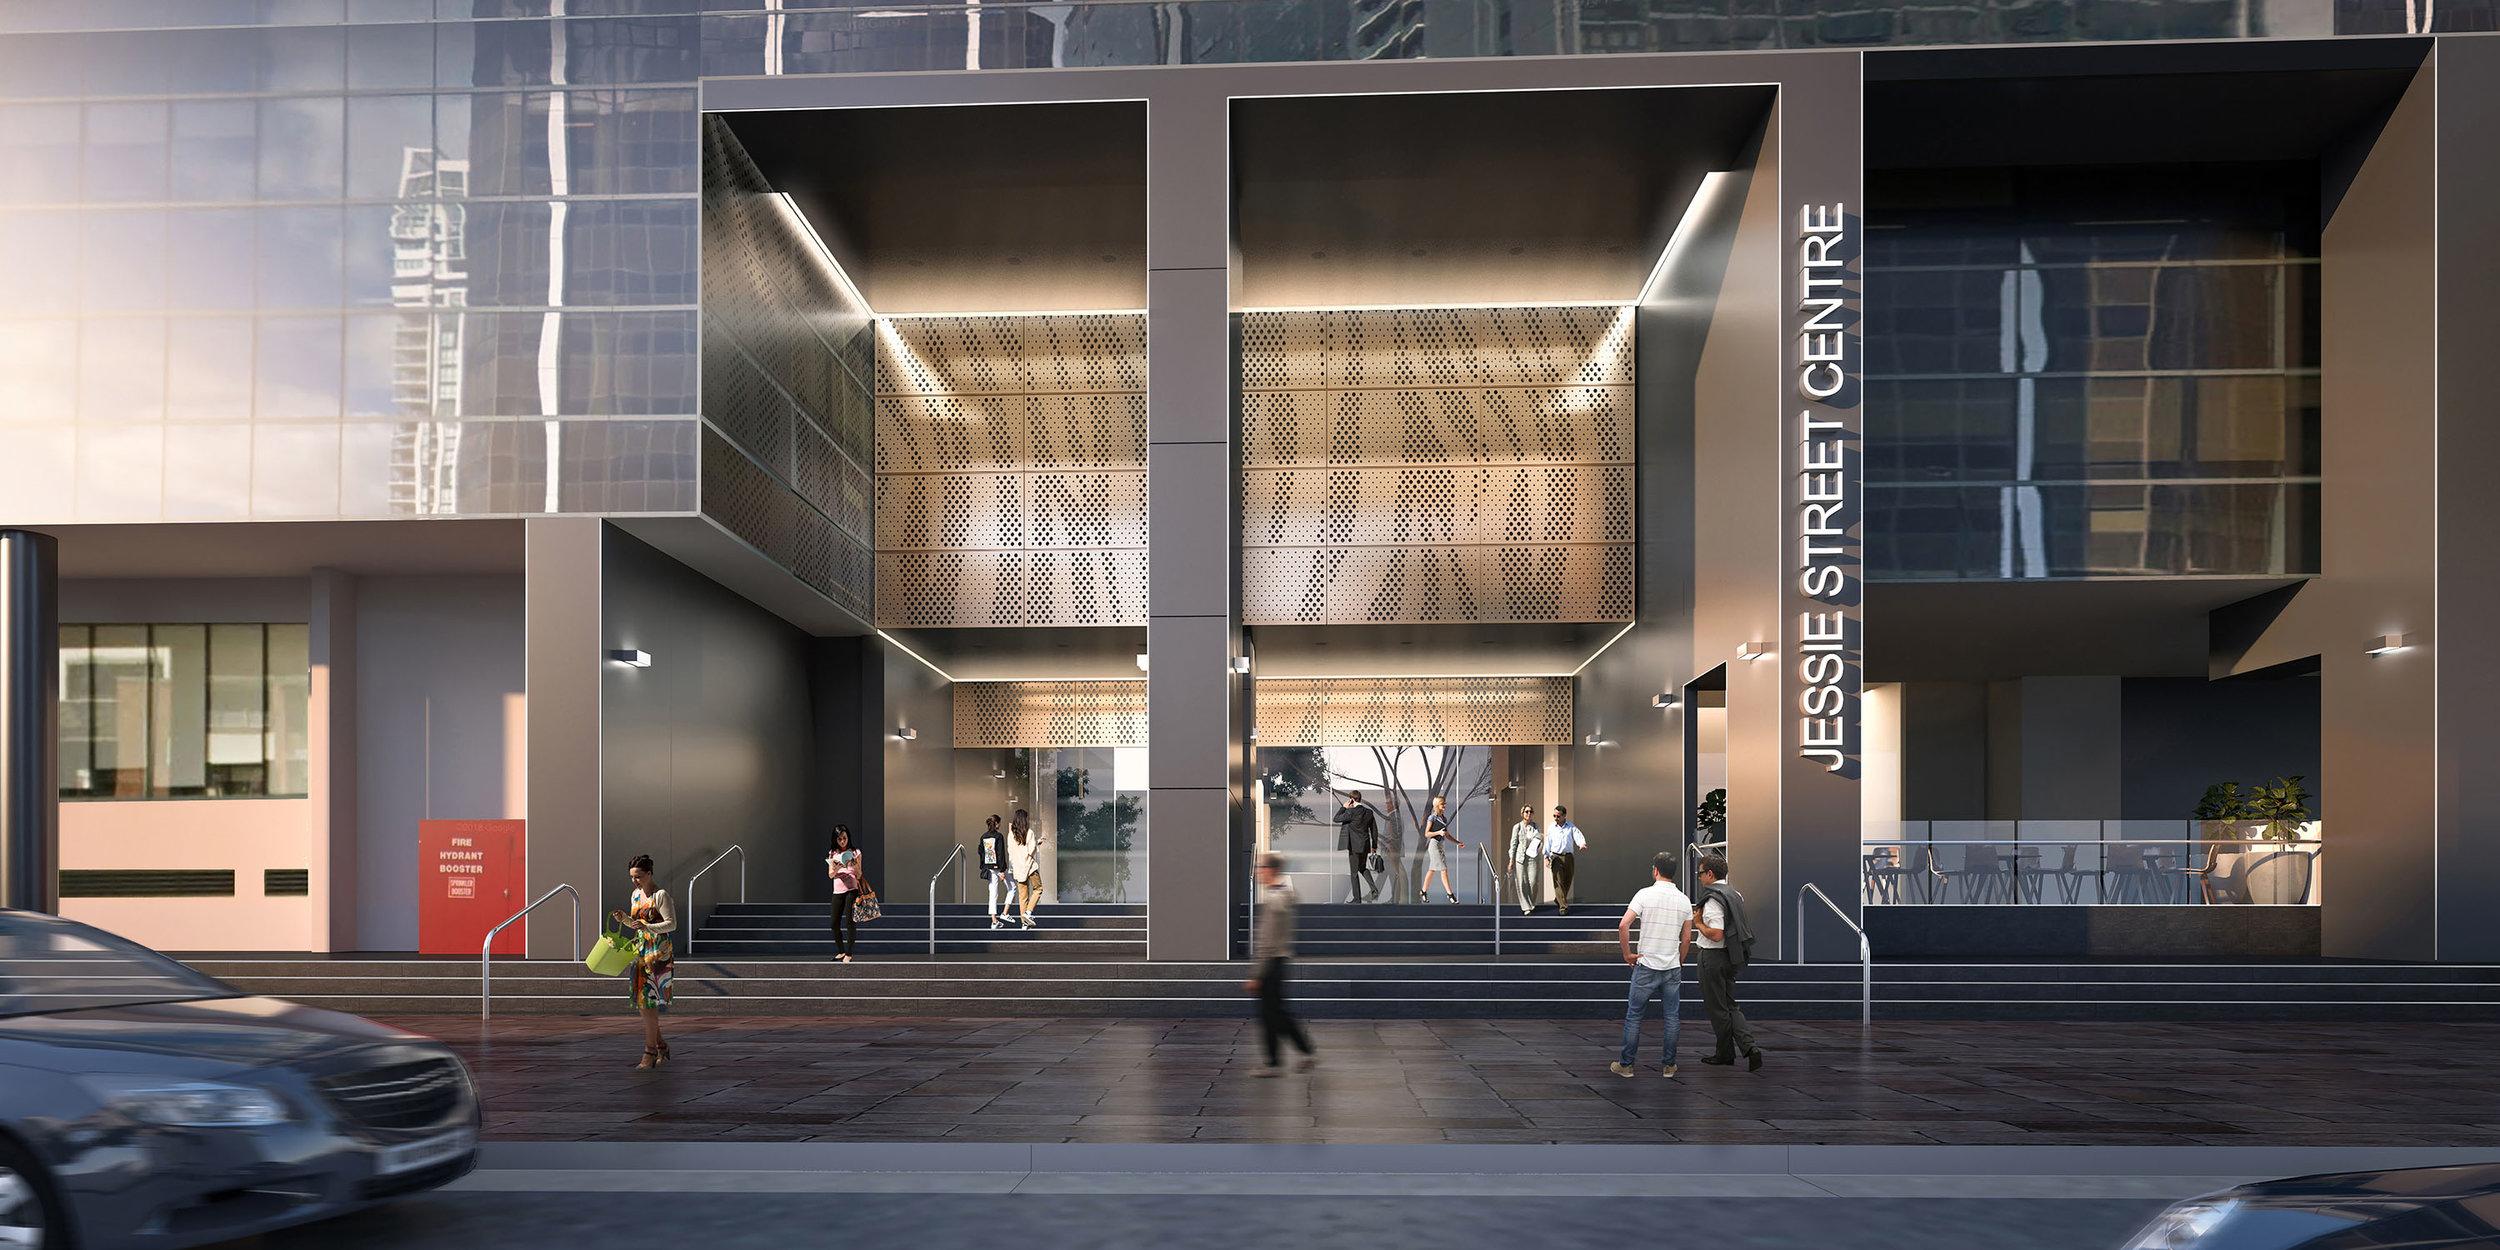 mode-design-Jessie Street Centre_02.jpg